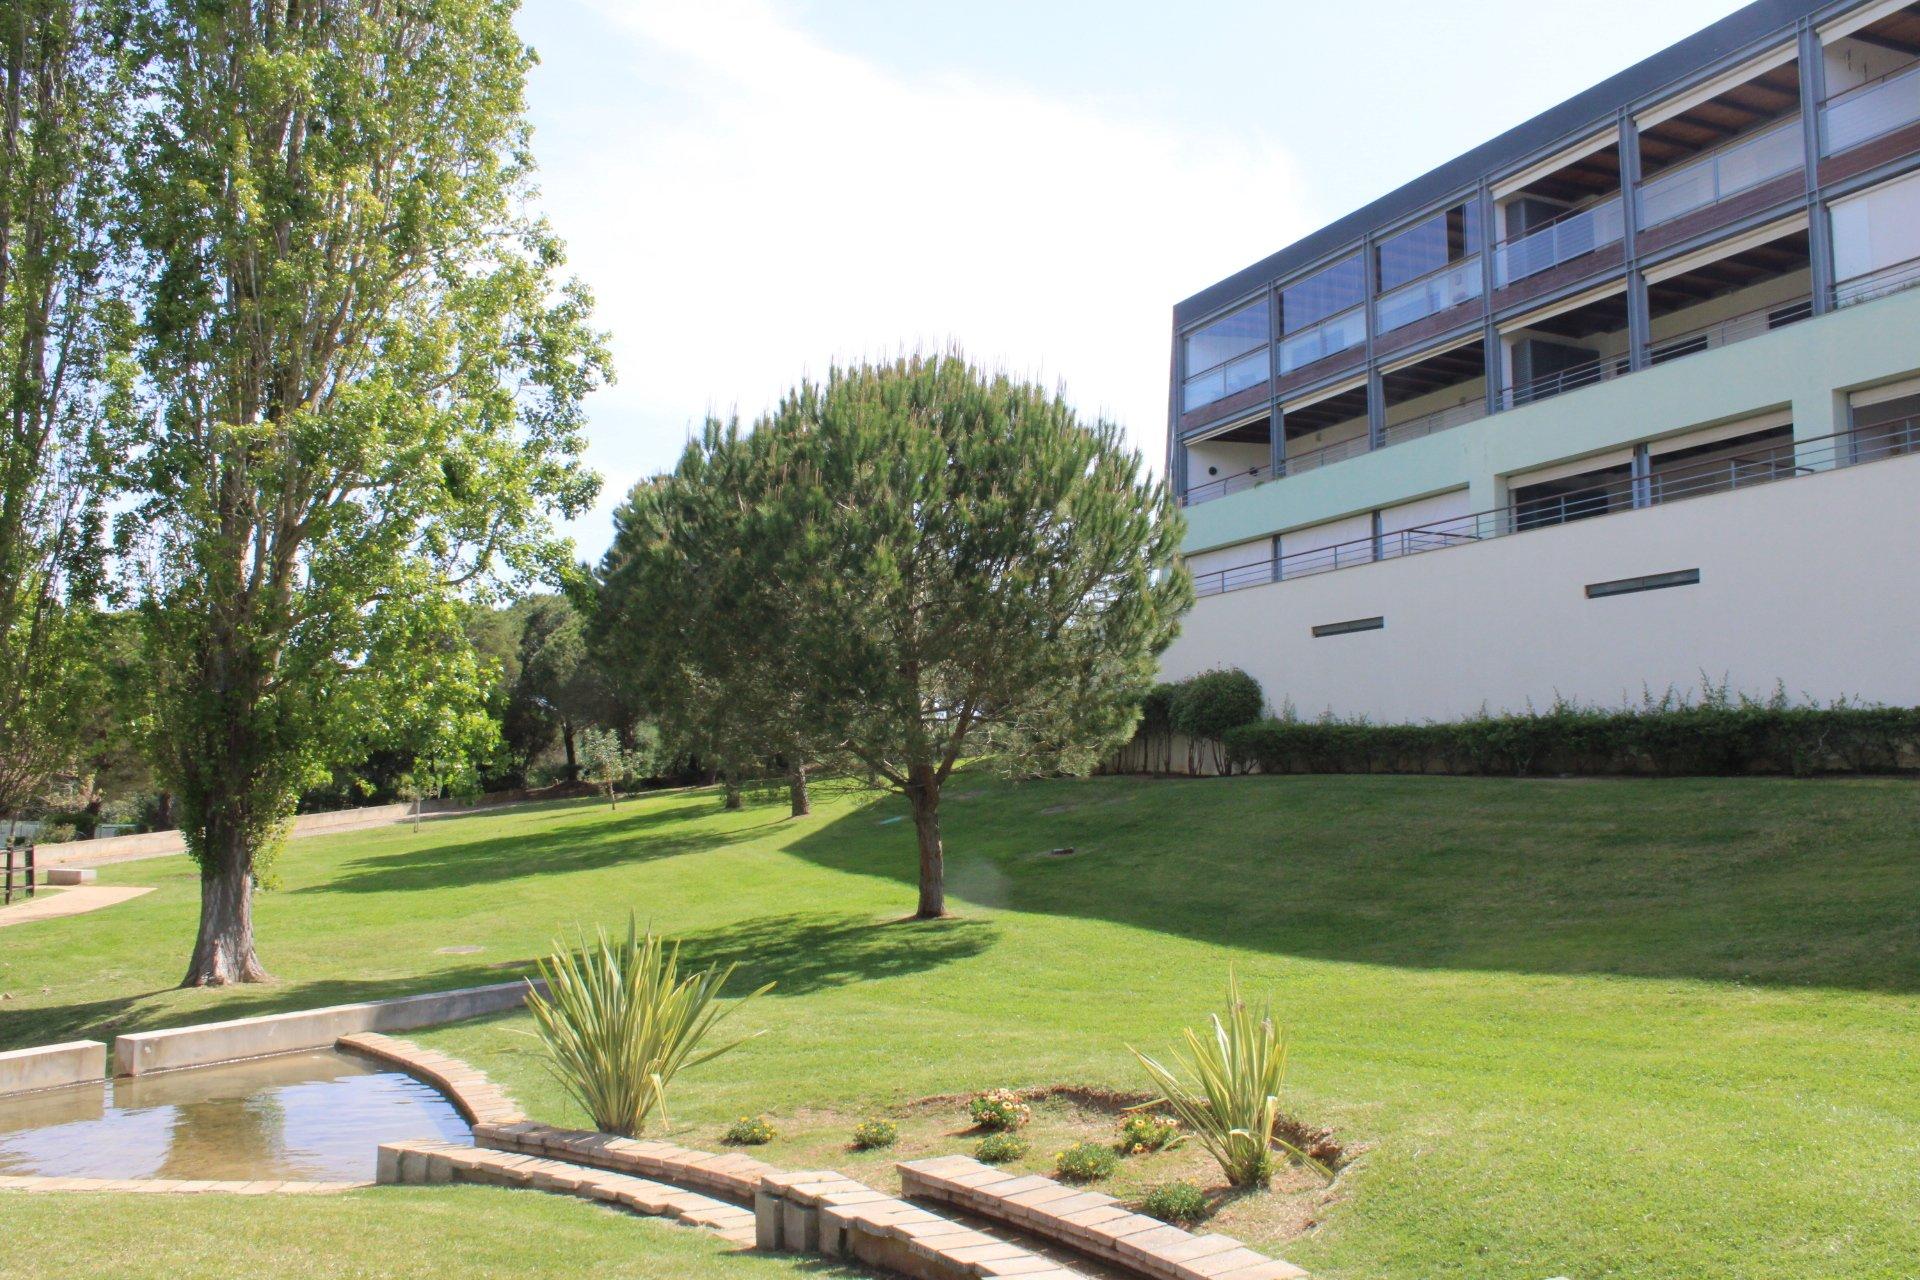 1 Bedroom Apartment Lagos, Western Algarve Ref: GA406